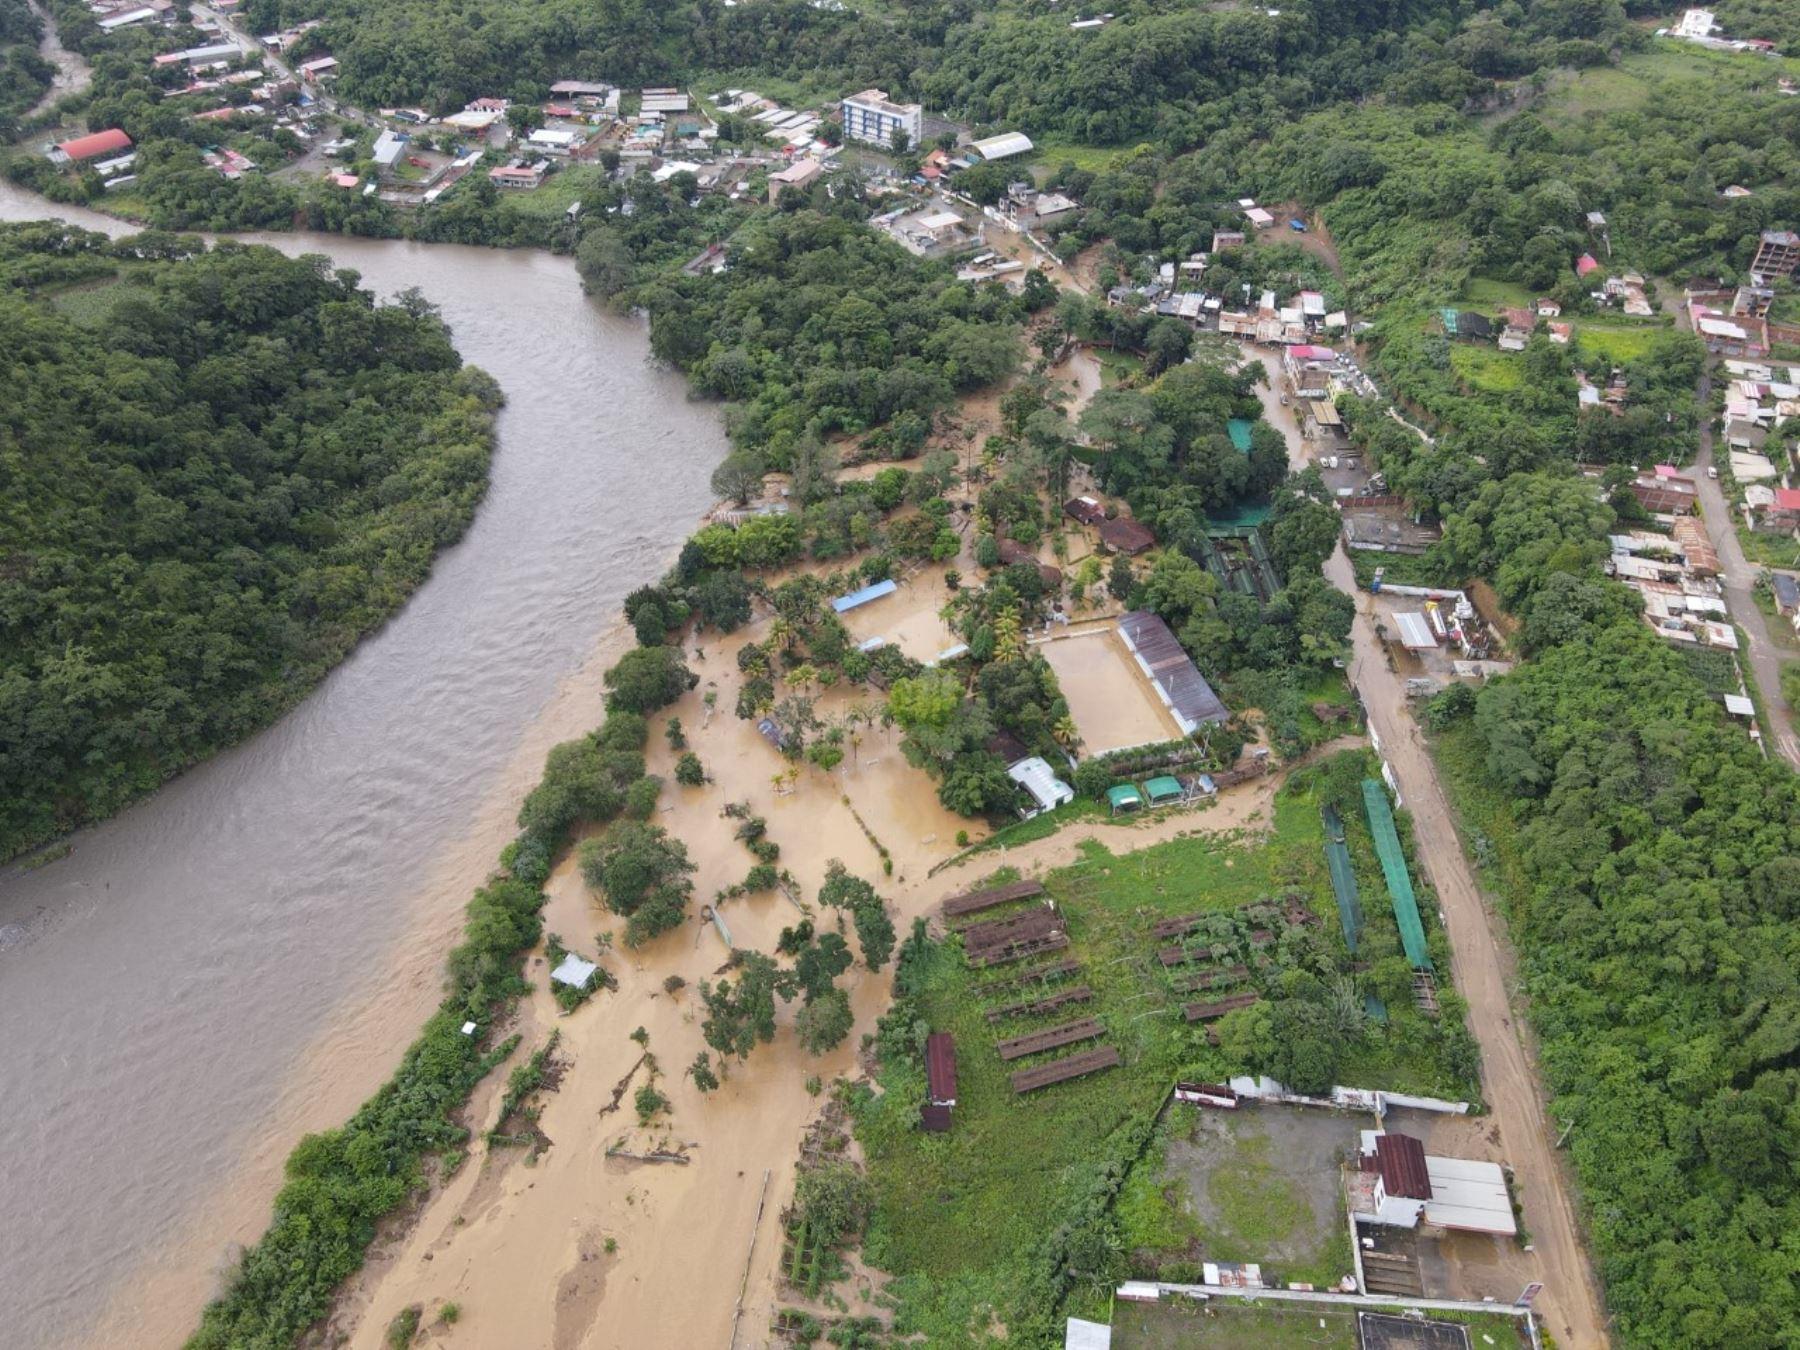 cusco-piden-declarar-en-emergencia-a-la-convencion-afectada-por-huaicos-y-lluvias